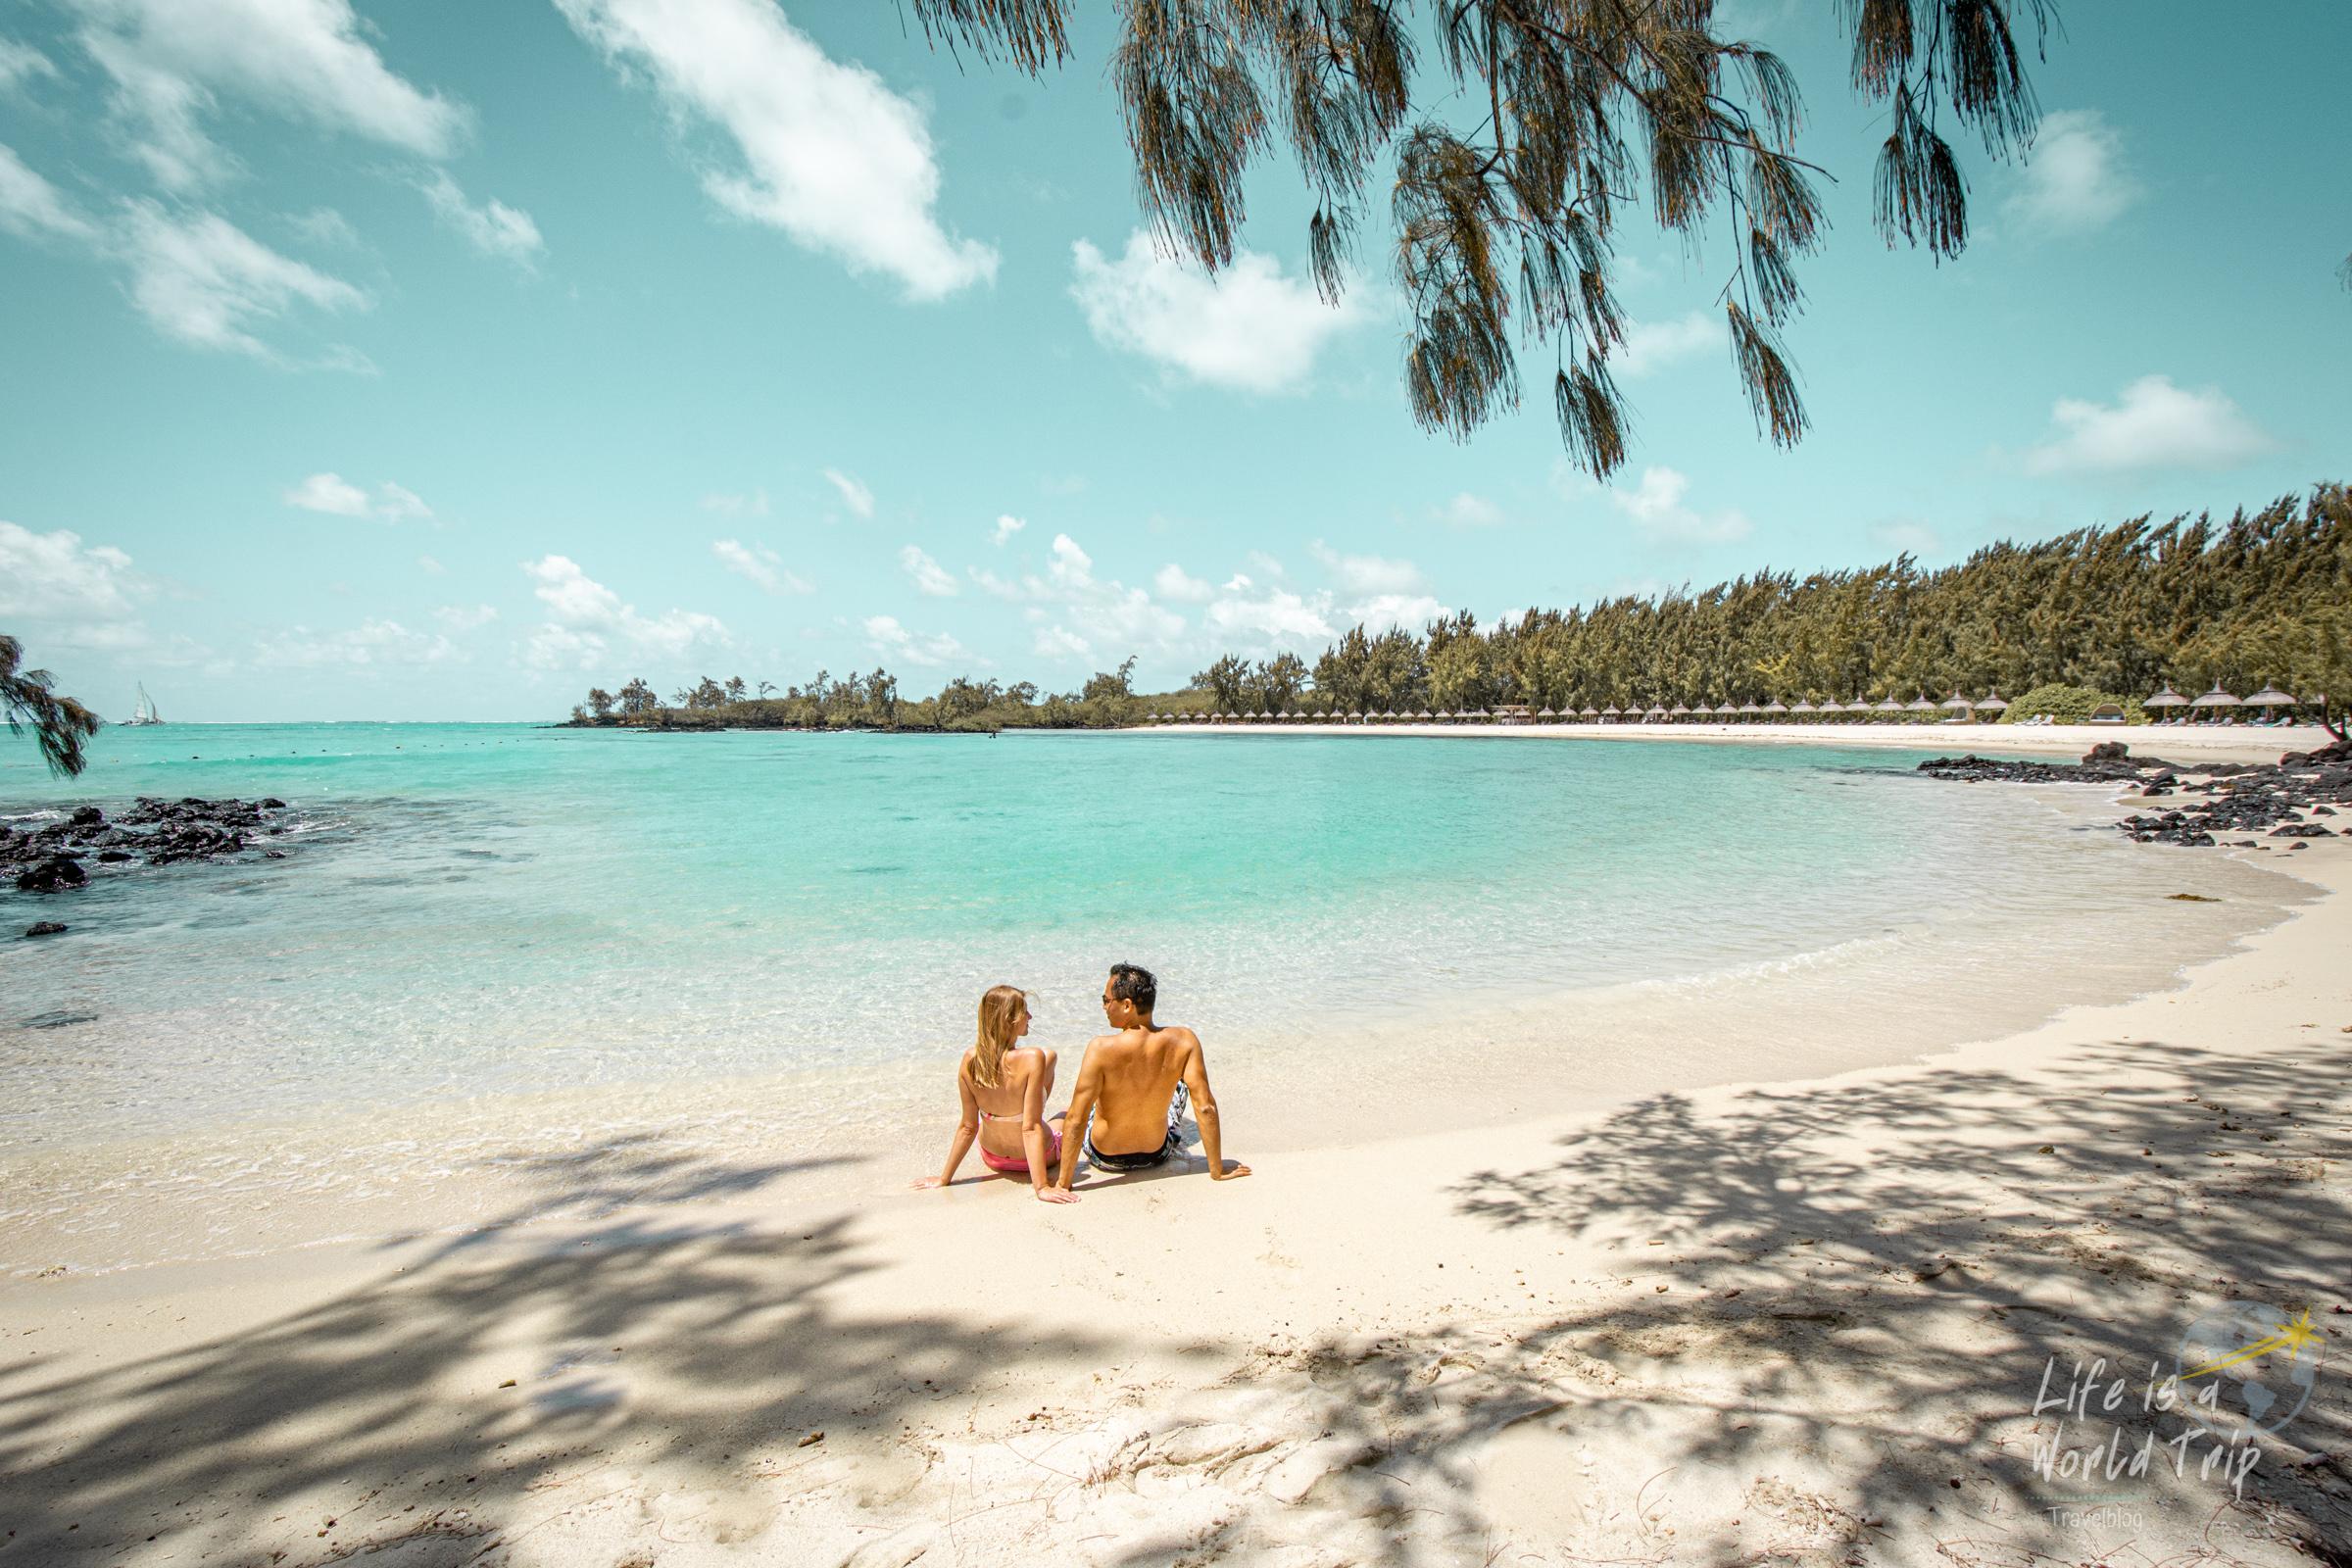 Life is a World Trip - Reisetipps für deine individuelle Rundreise auf Mauritius